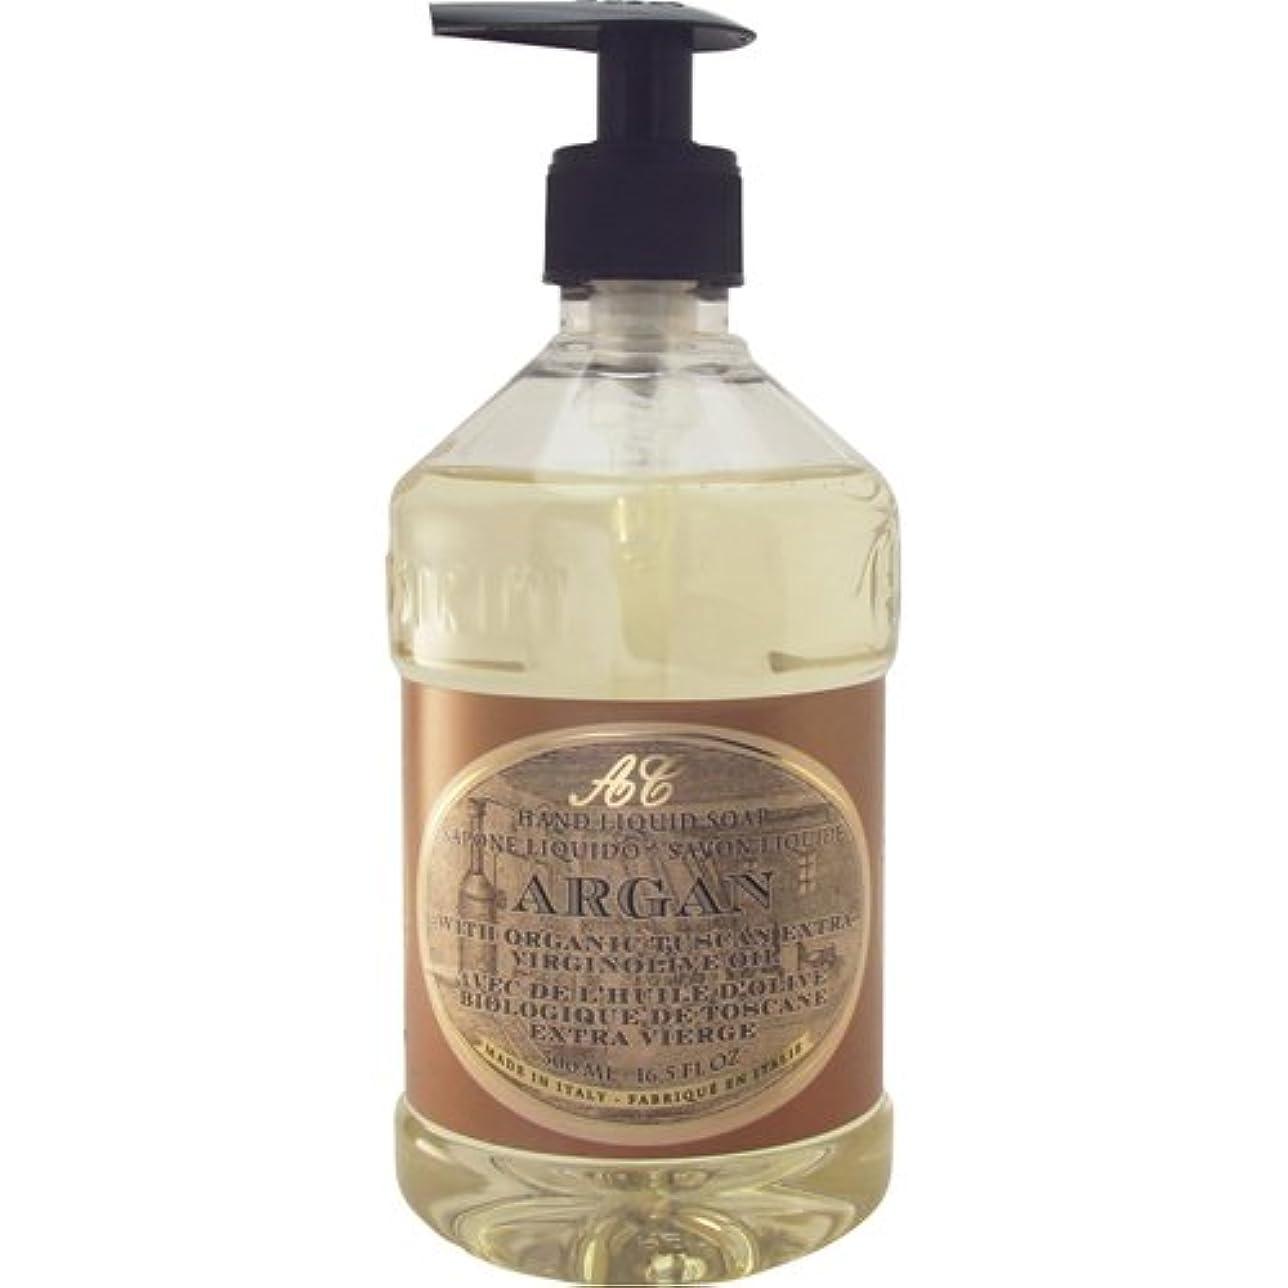 対話明らかにする慈善Saponerire Fissi レトロシリーズ Liquid Soap リキッドソープ 500ml Argan アルガンオイル